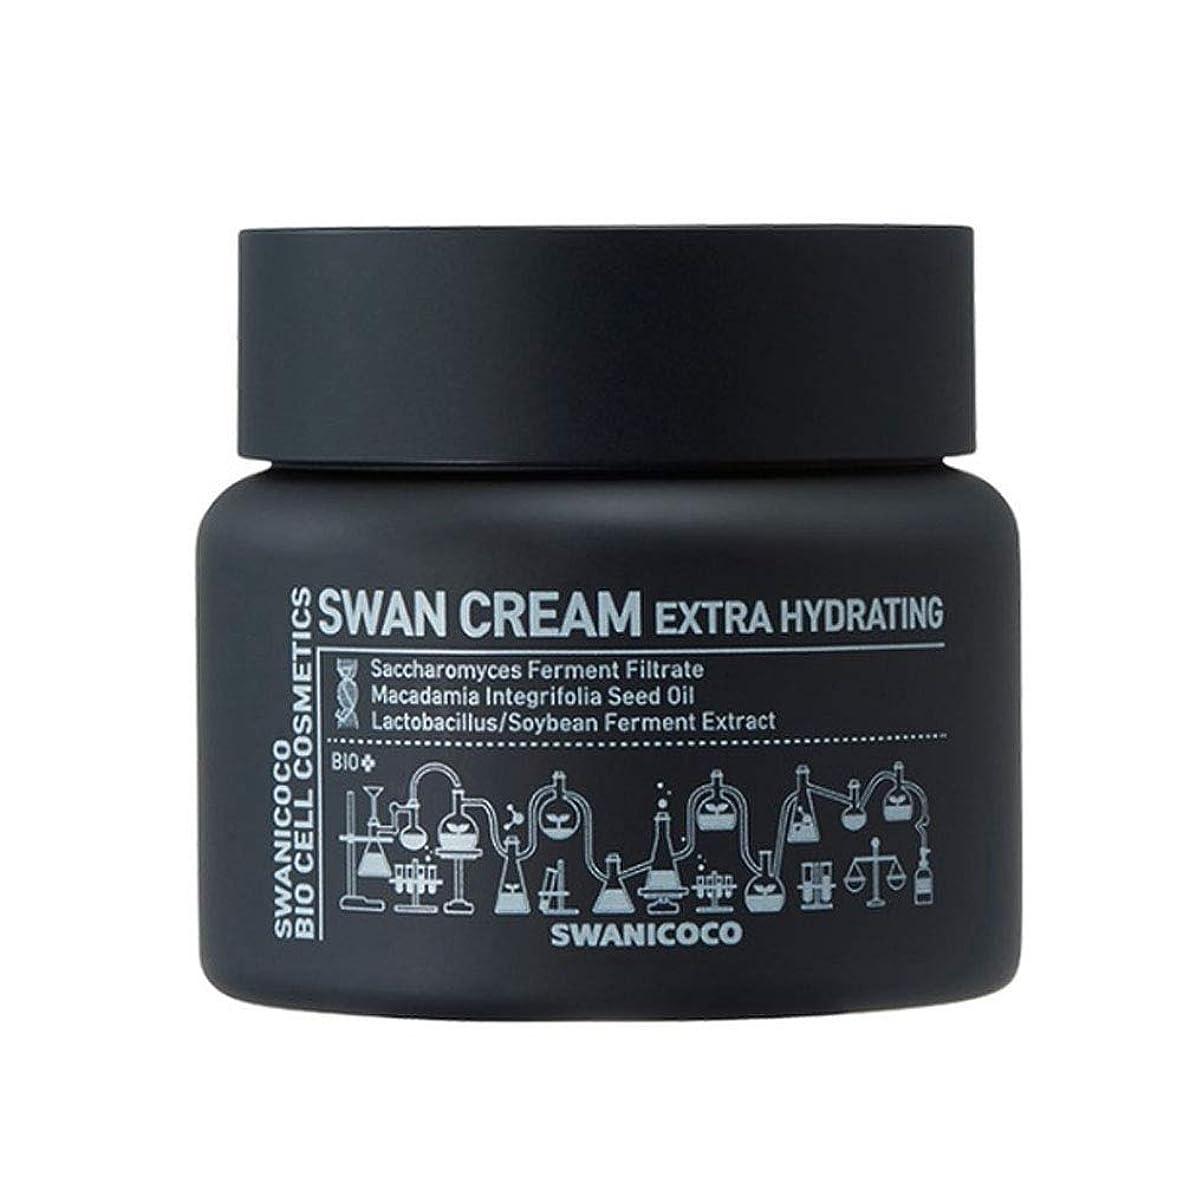 ショッピングセンター処方保証スワニーココ天然水分白鳥クリームブラック50ml、Swanicoco Natural Water Swan Cream Black 50ml [並行輸入品]